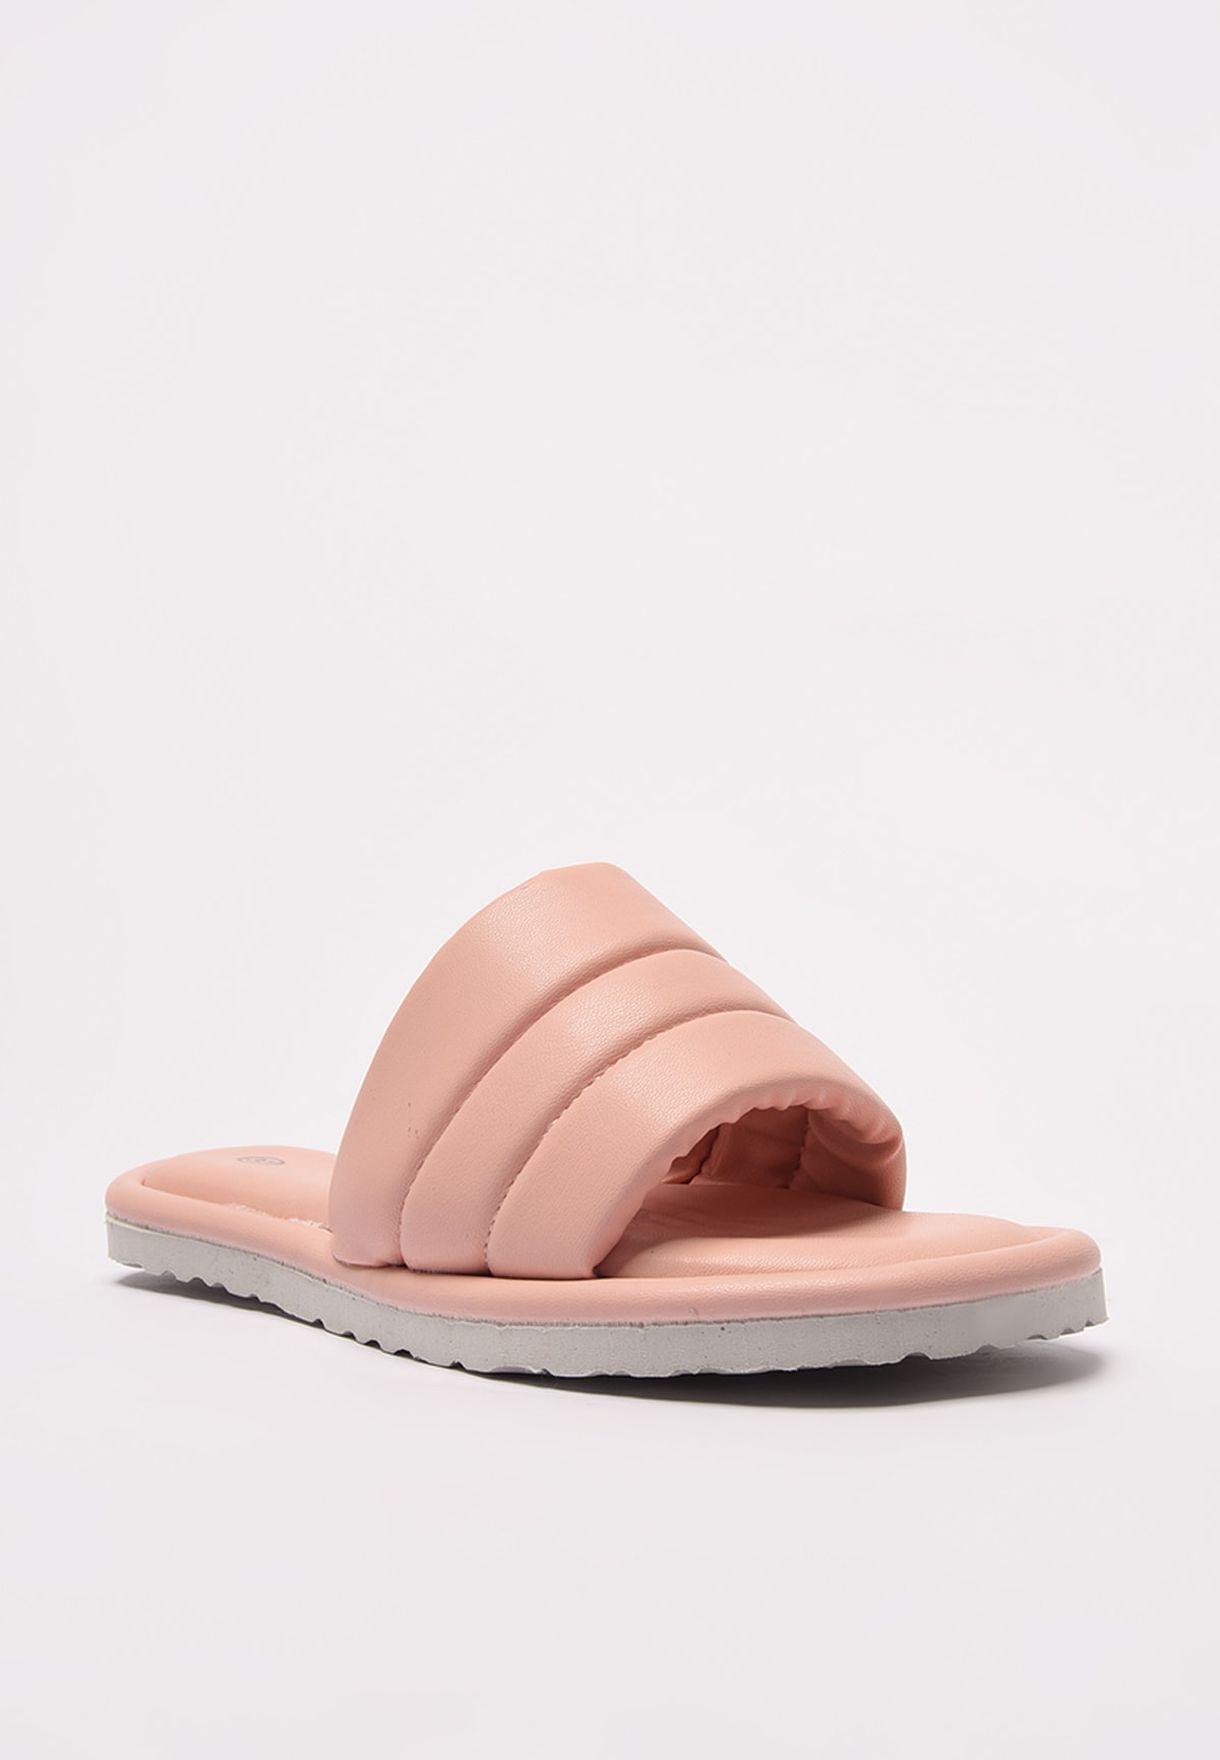 Wide Strap Low Heel Sandal